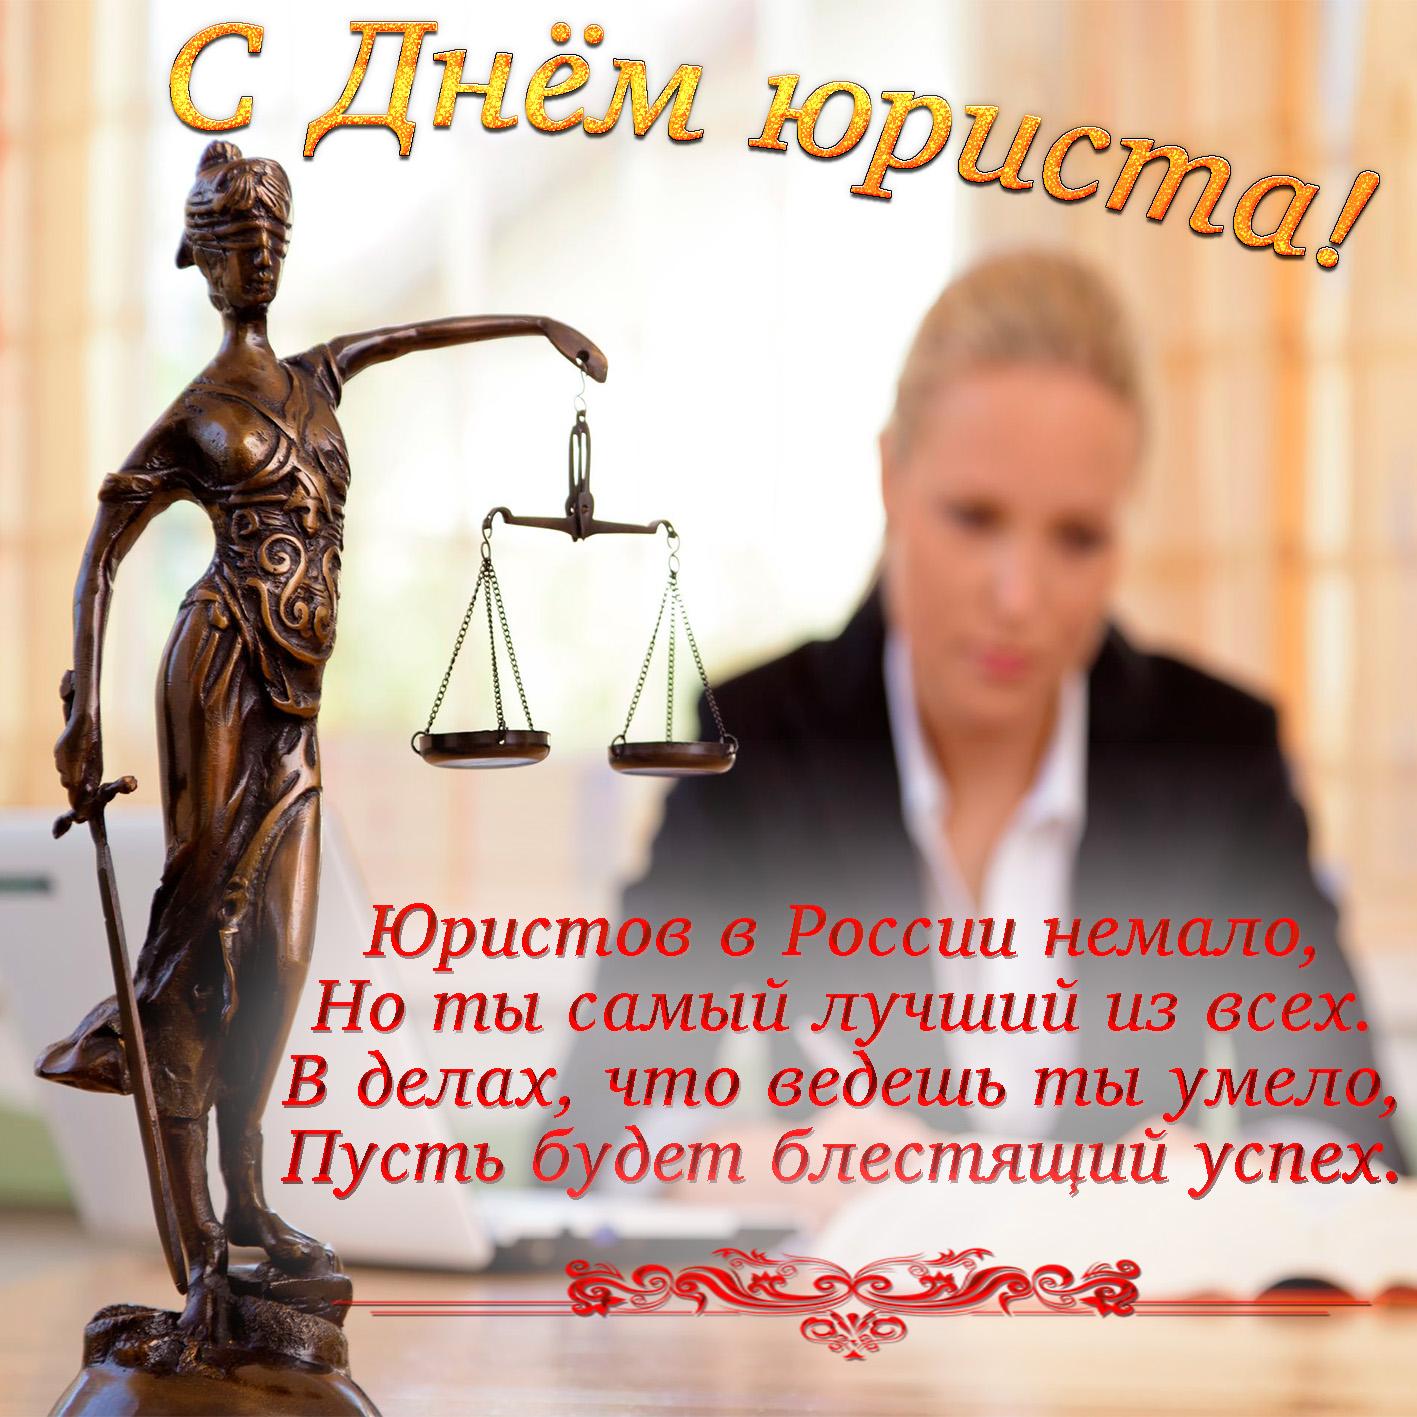 стихи на день юриста прикольные короткие банкротстве певица обвинила